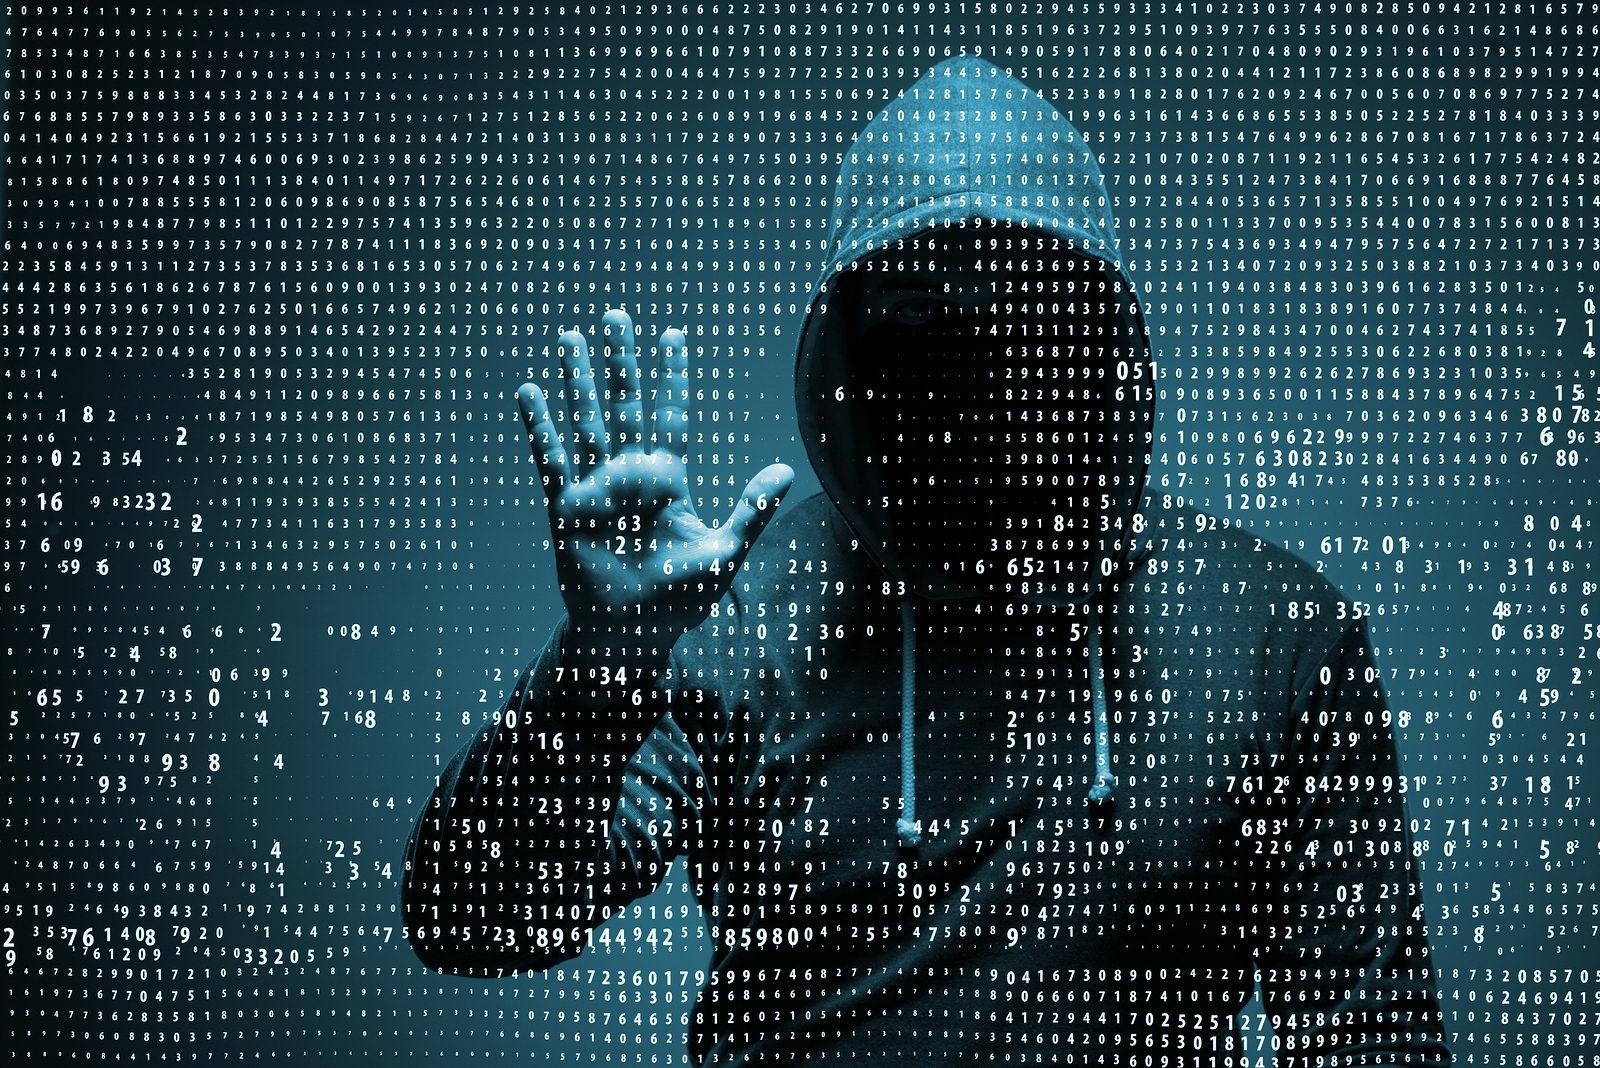 Хак-группа Turla взломала иранских хакеров и использовала их инфраструктуру